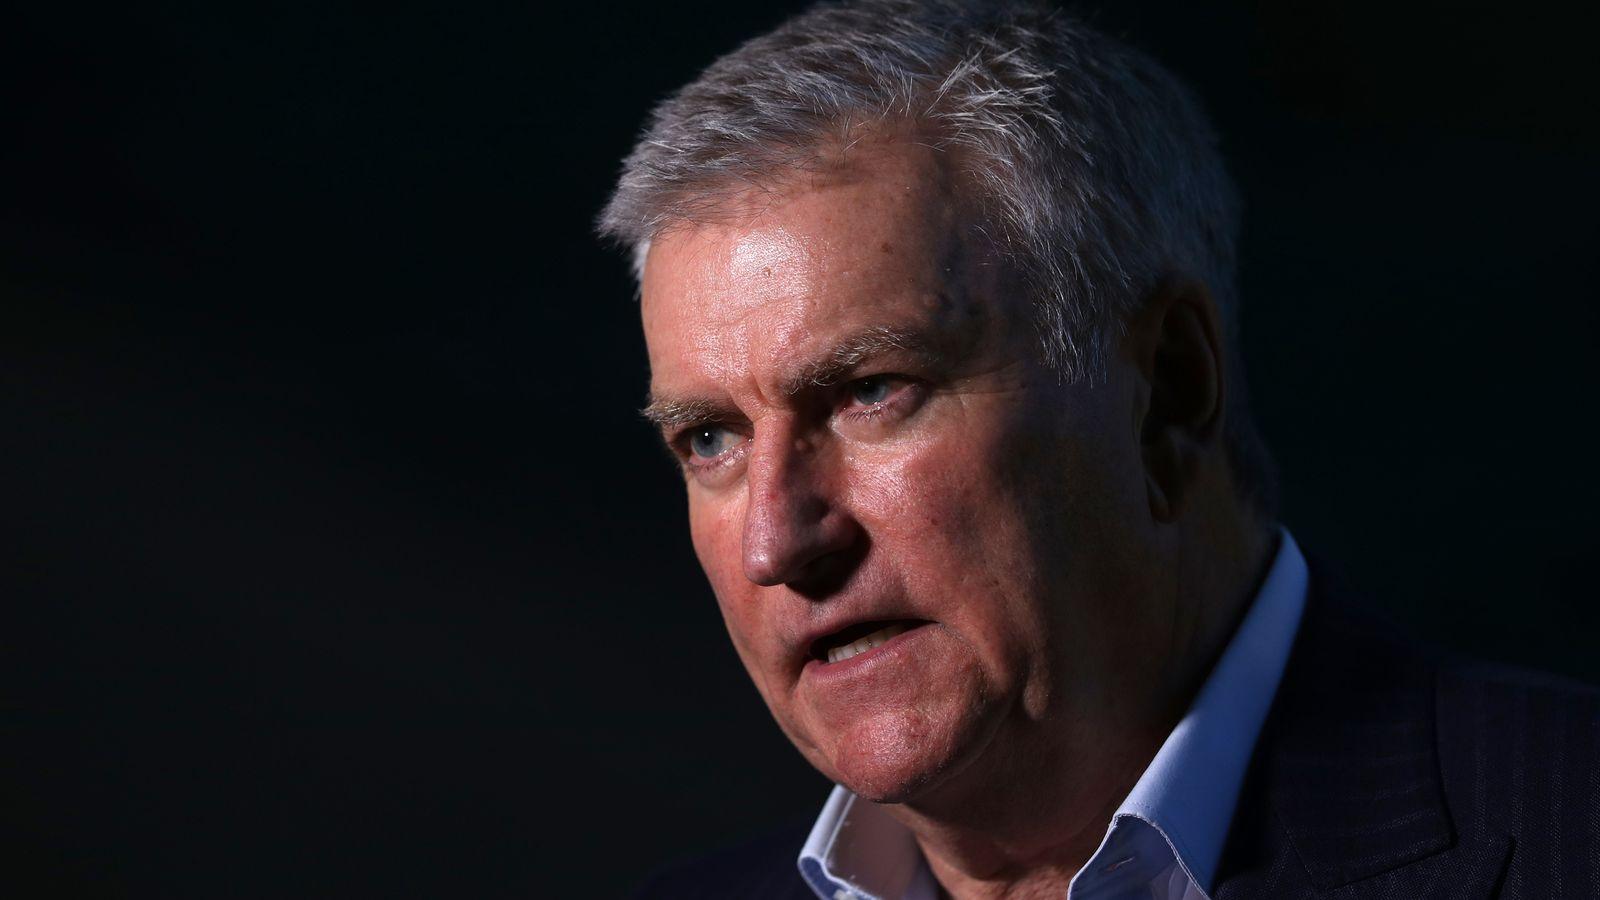 El jefe de la RFU advierte que el coronavirus podría alterar drásticamente la unión de rugby | Noticias de la Unión de Rugby 5